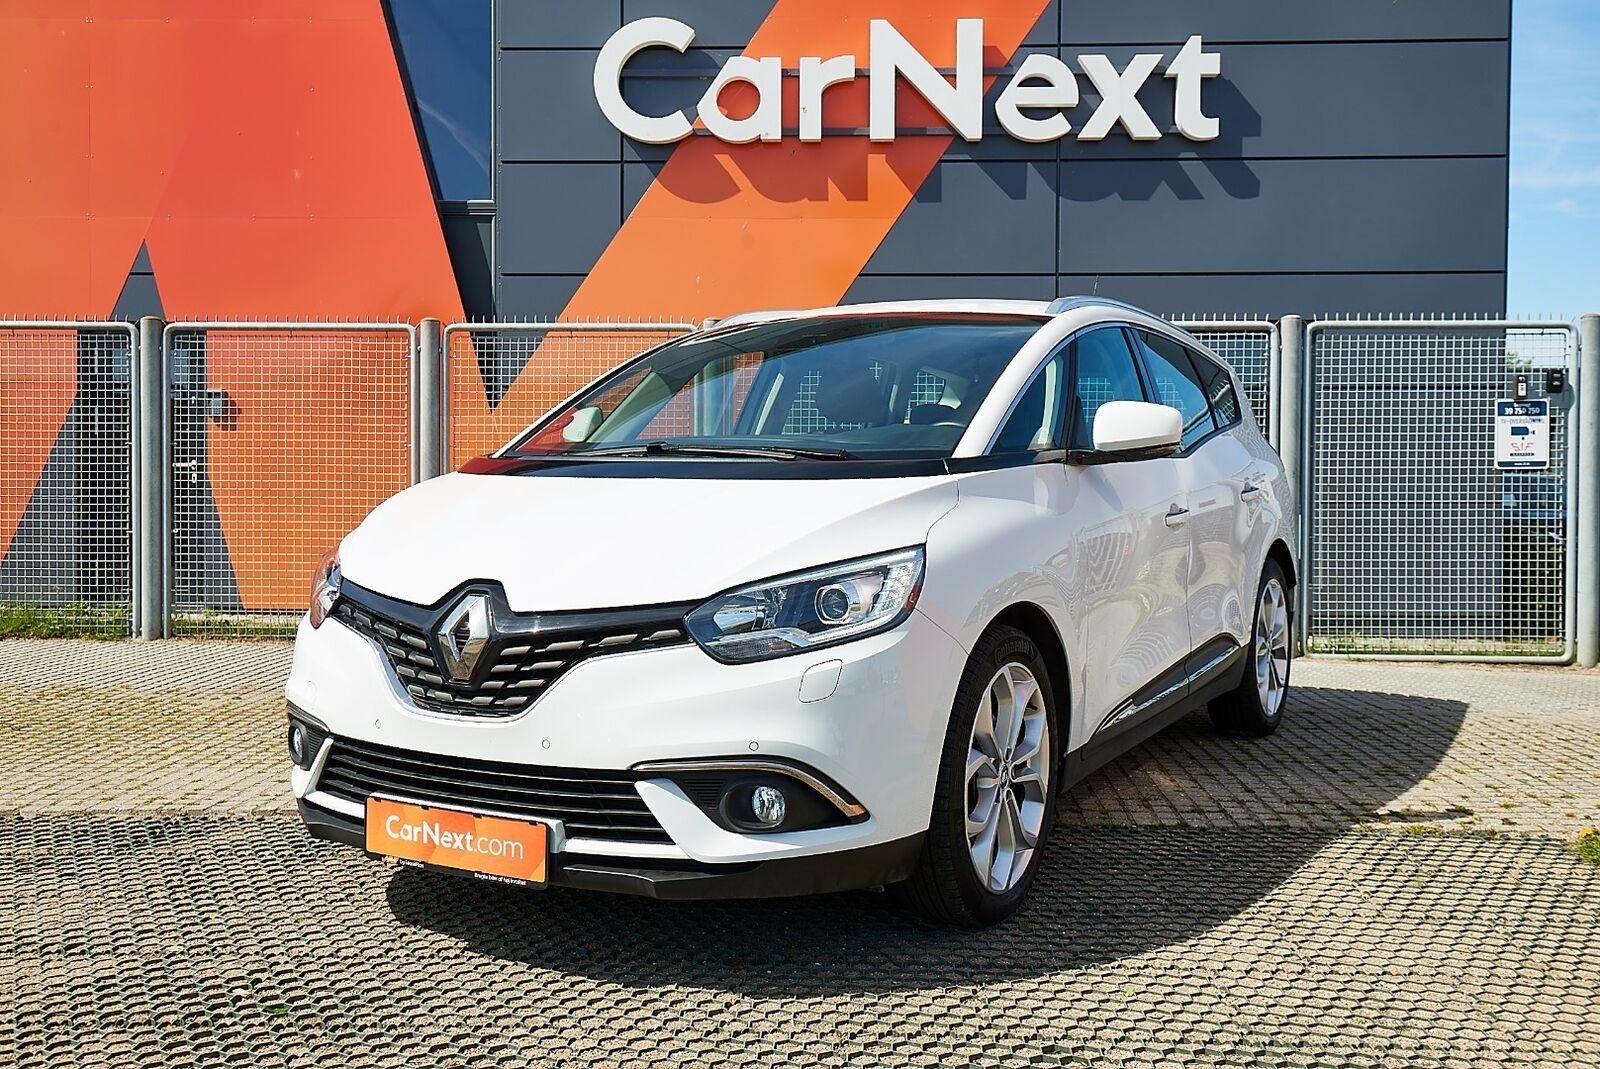 Renault Grand Scenic IV 1,5 dCi 110 Zen 7prs 5d - 219.900 kr.